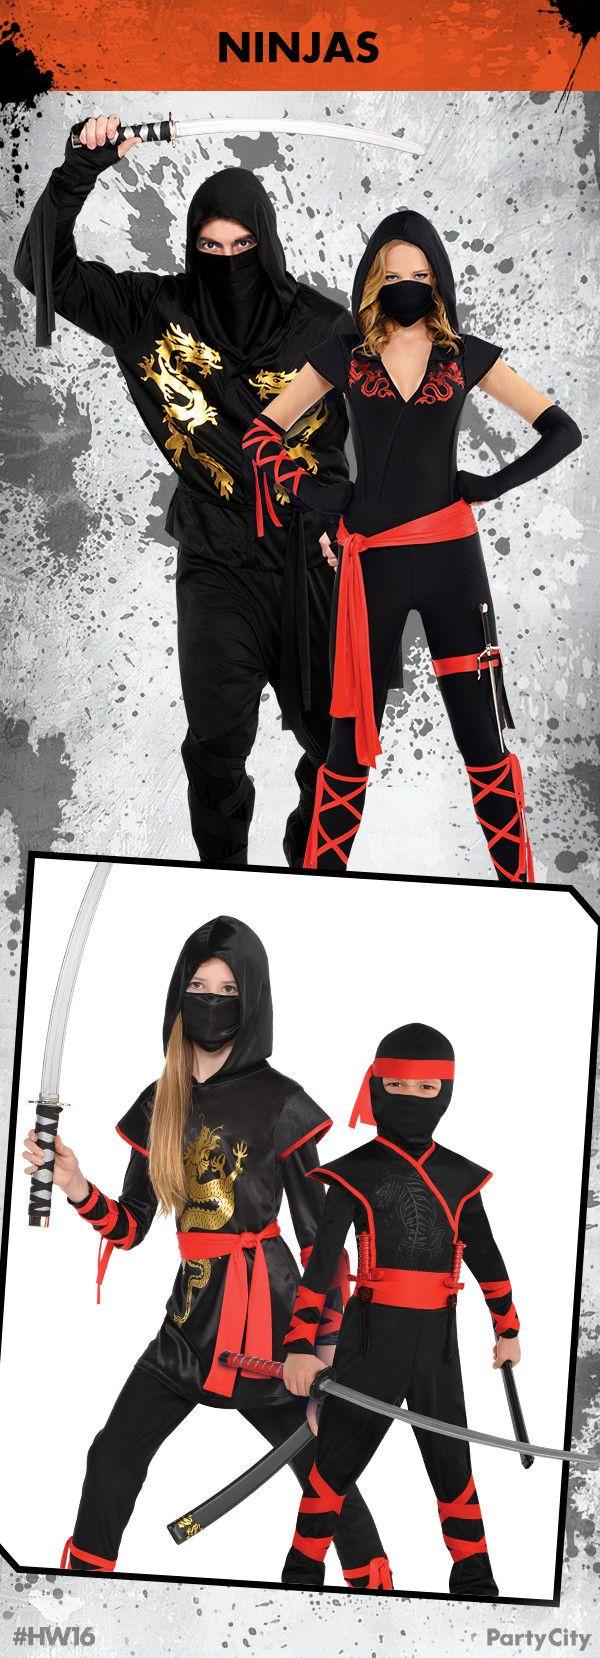 Best 10+ Ninja costumes ideas on Pinterest | Ninja mask, Ninja ...